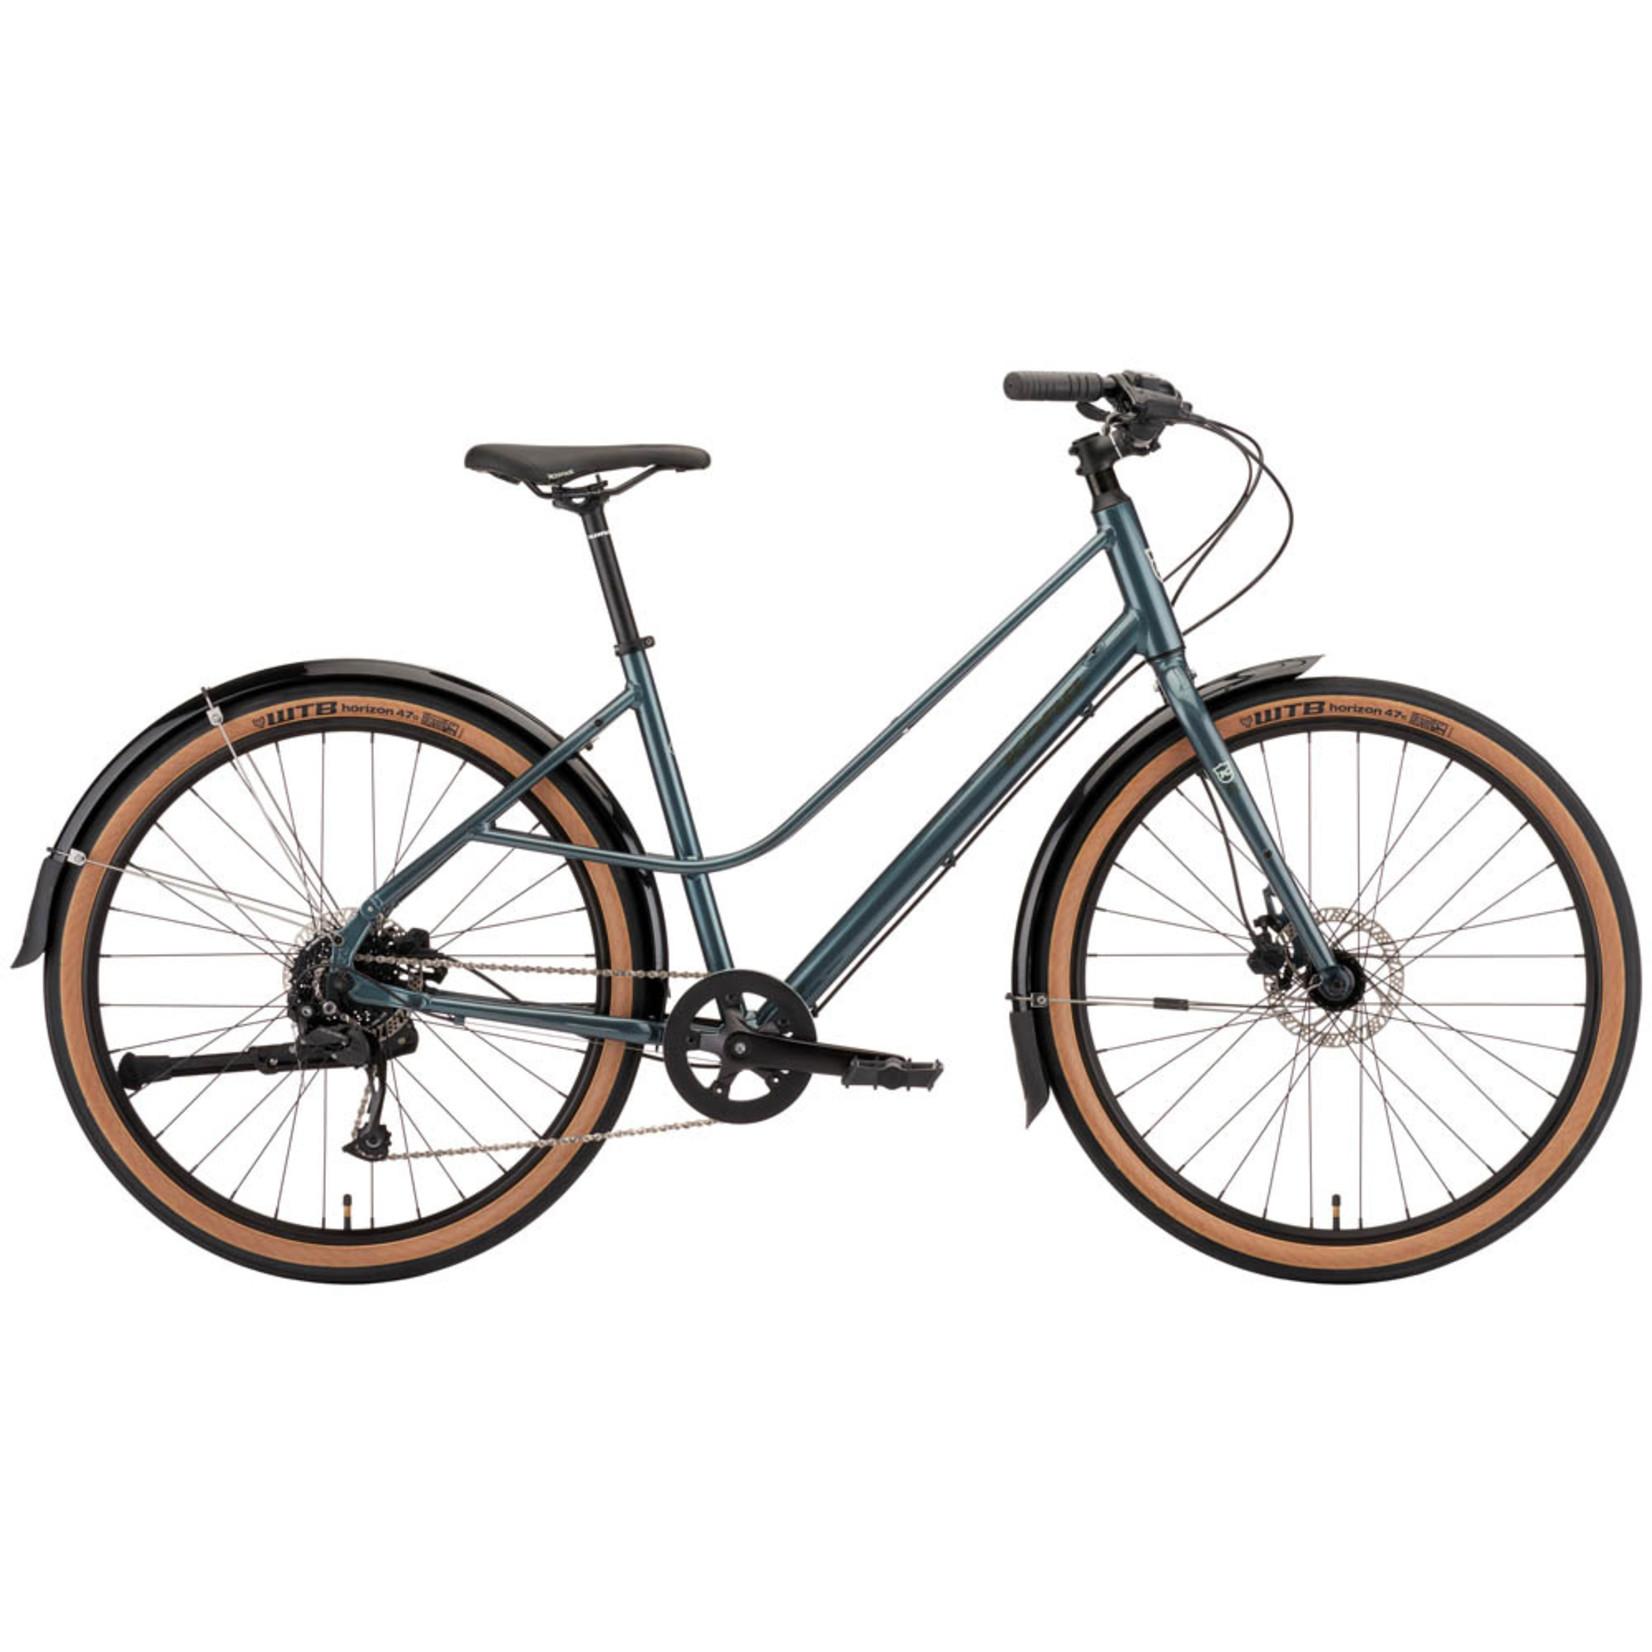 Kona Bikes Kona Coco